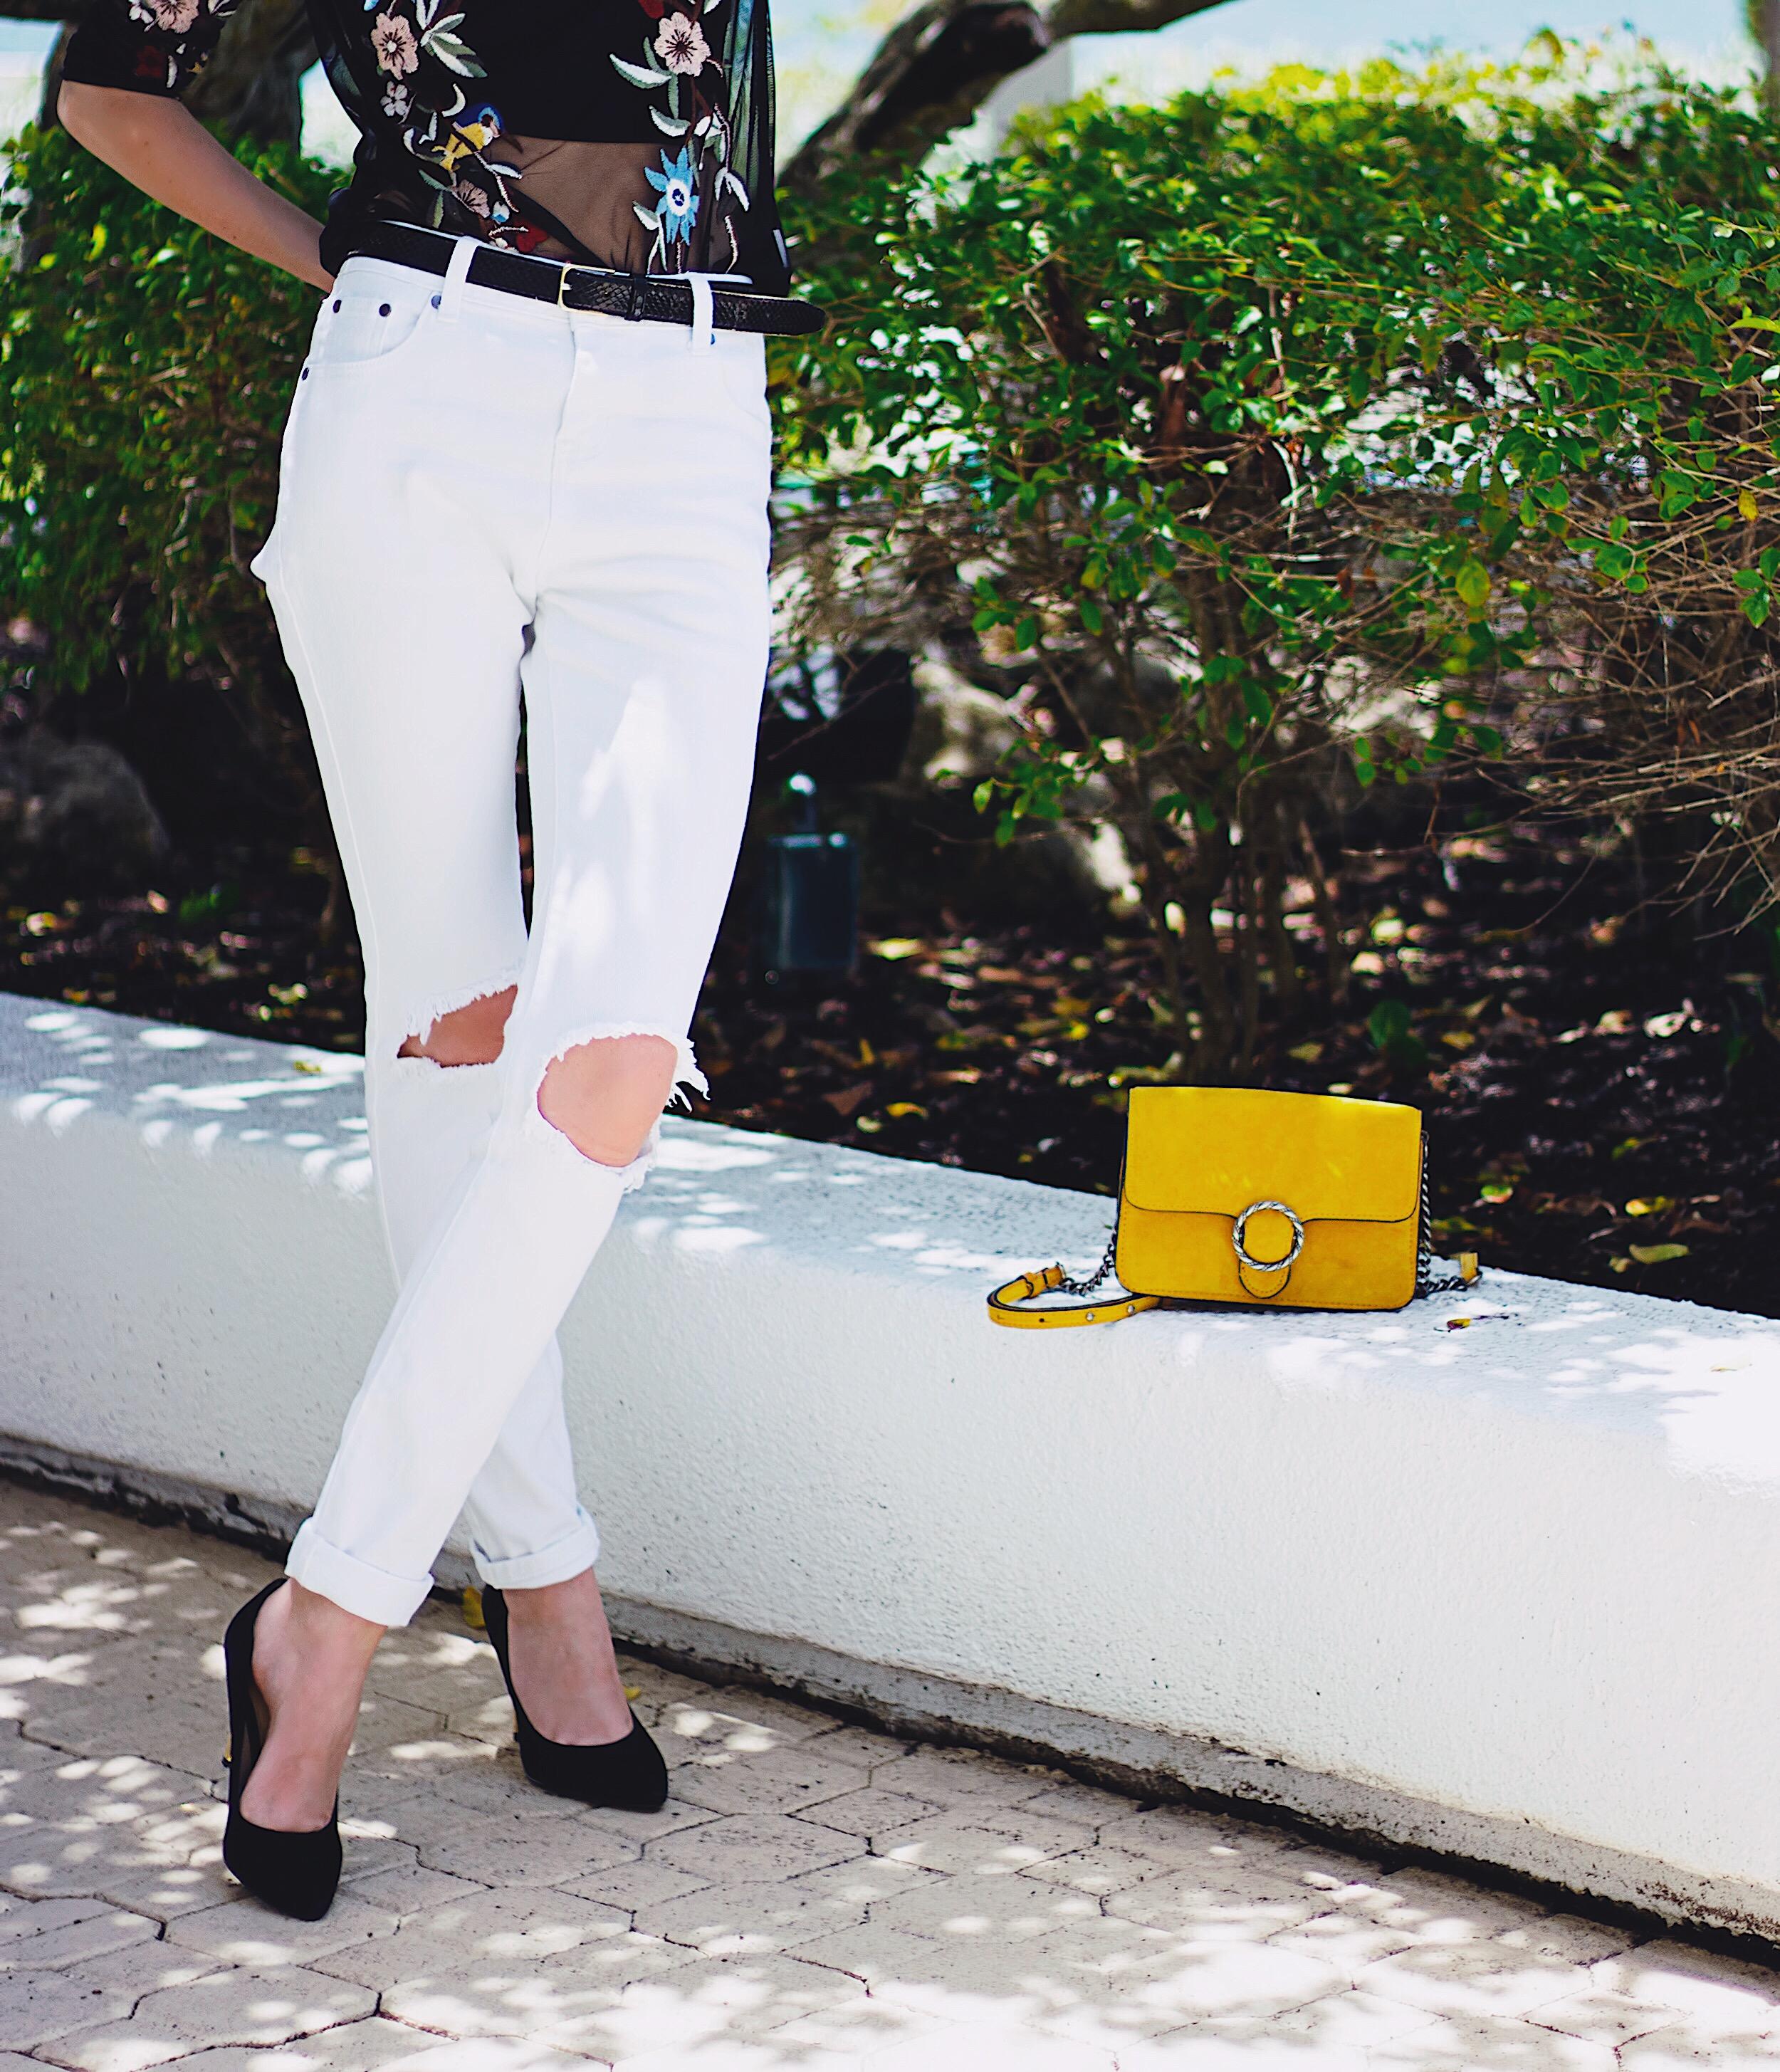 White TOBI Distressed Jeans Mango Mustard Suede Bag